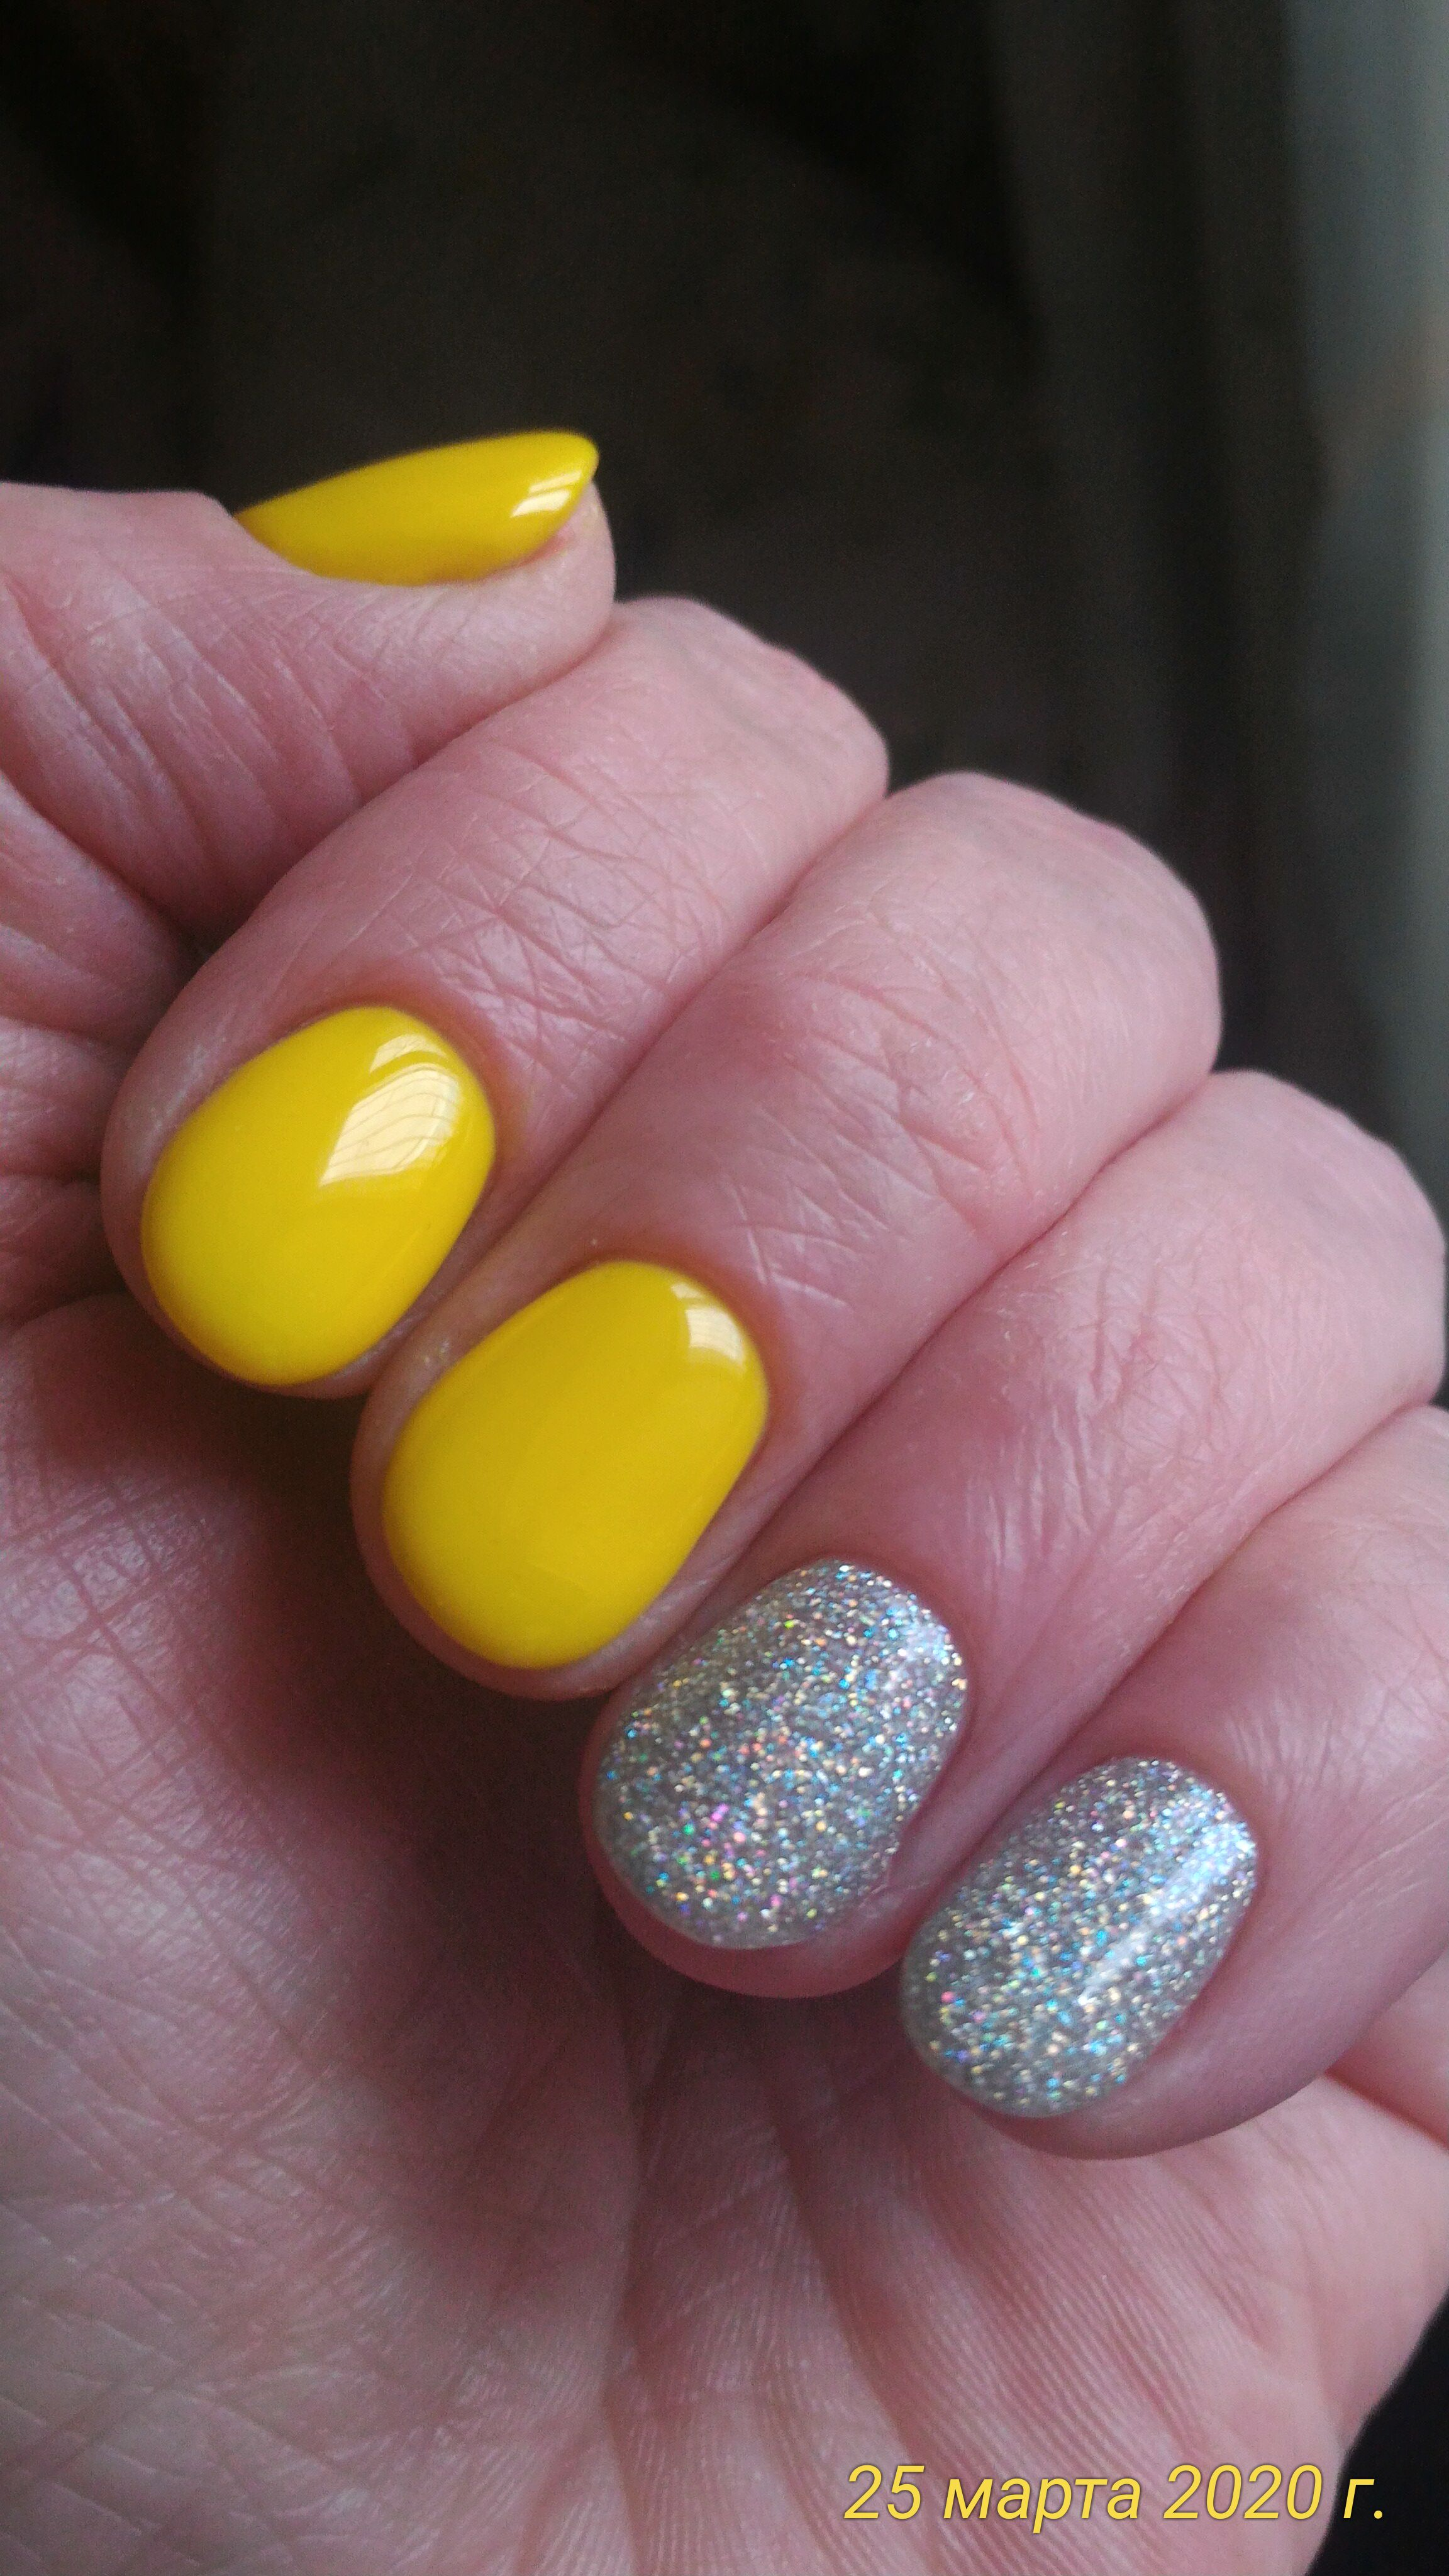 Маникюр с серебряными блестками в желтом цвете.